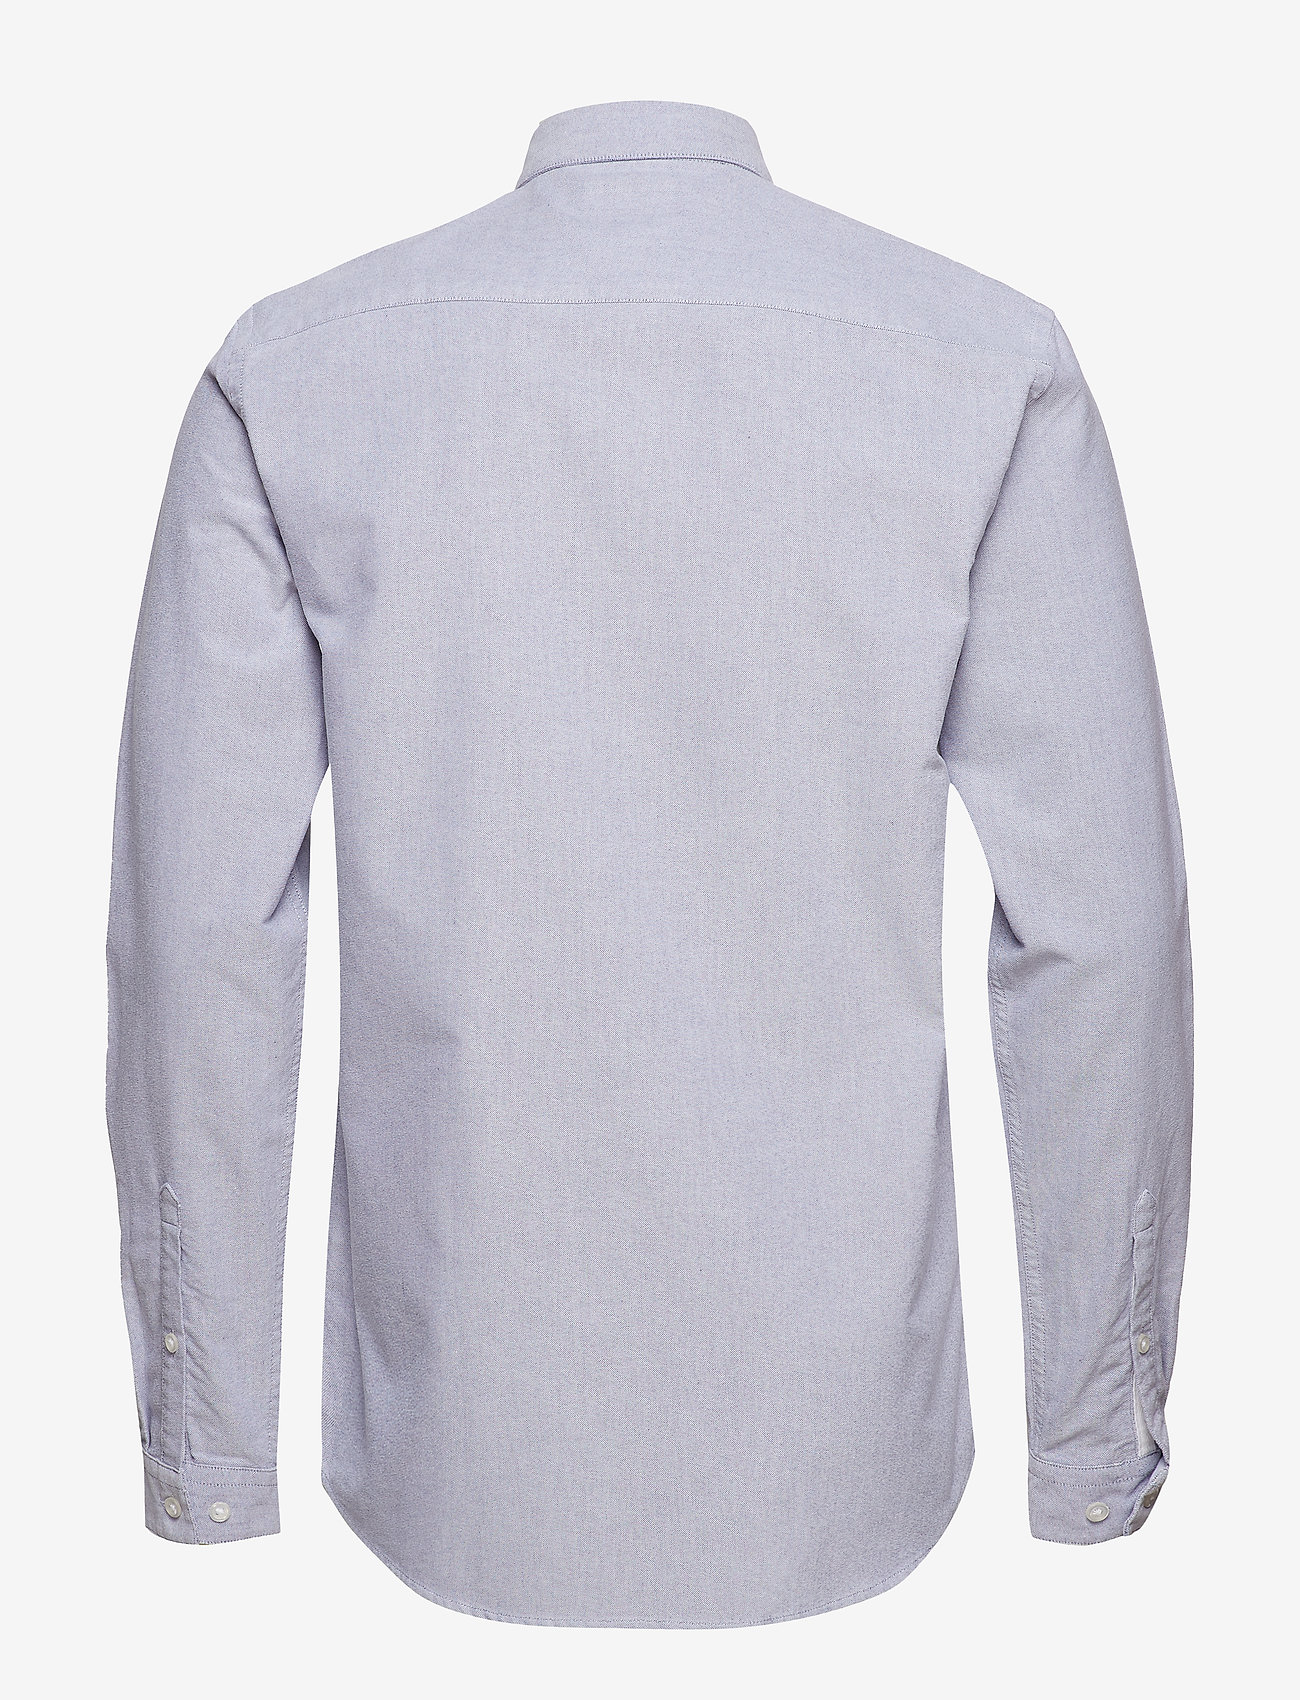 Minimum Jay - Shirts